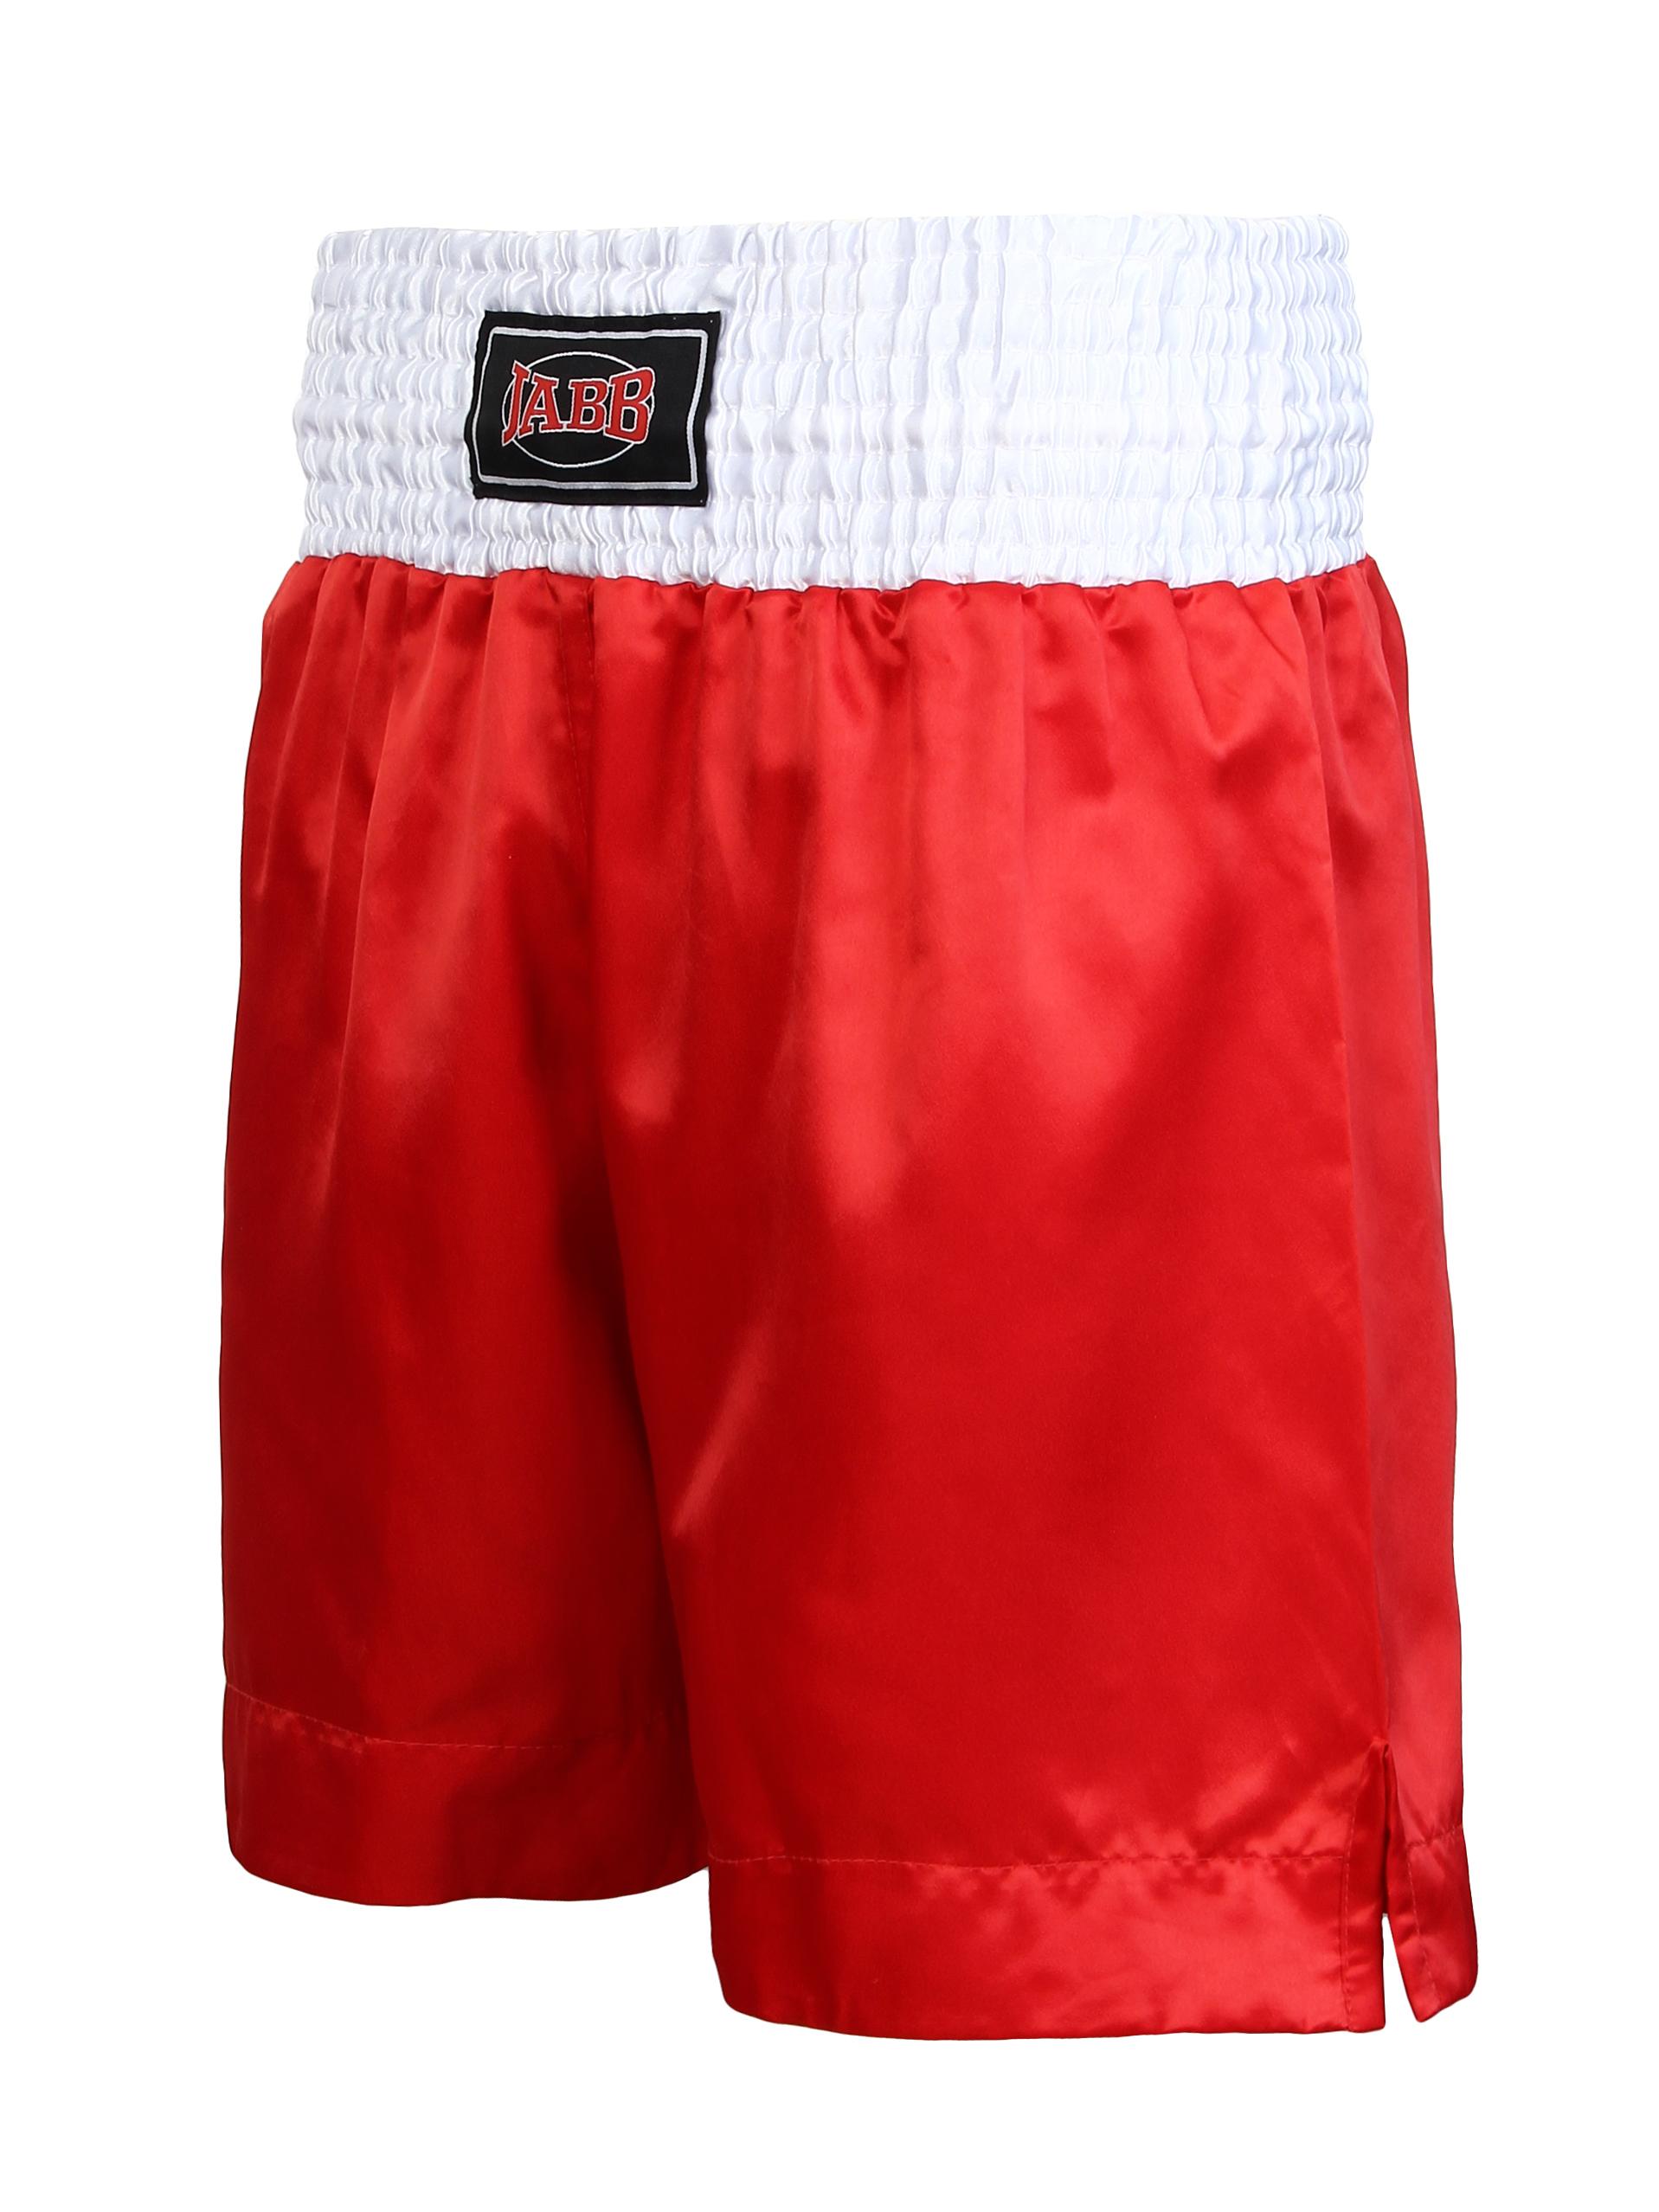 следует помнить, картинки боксерские шорты сразу